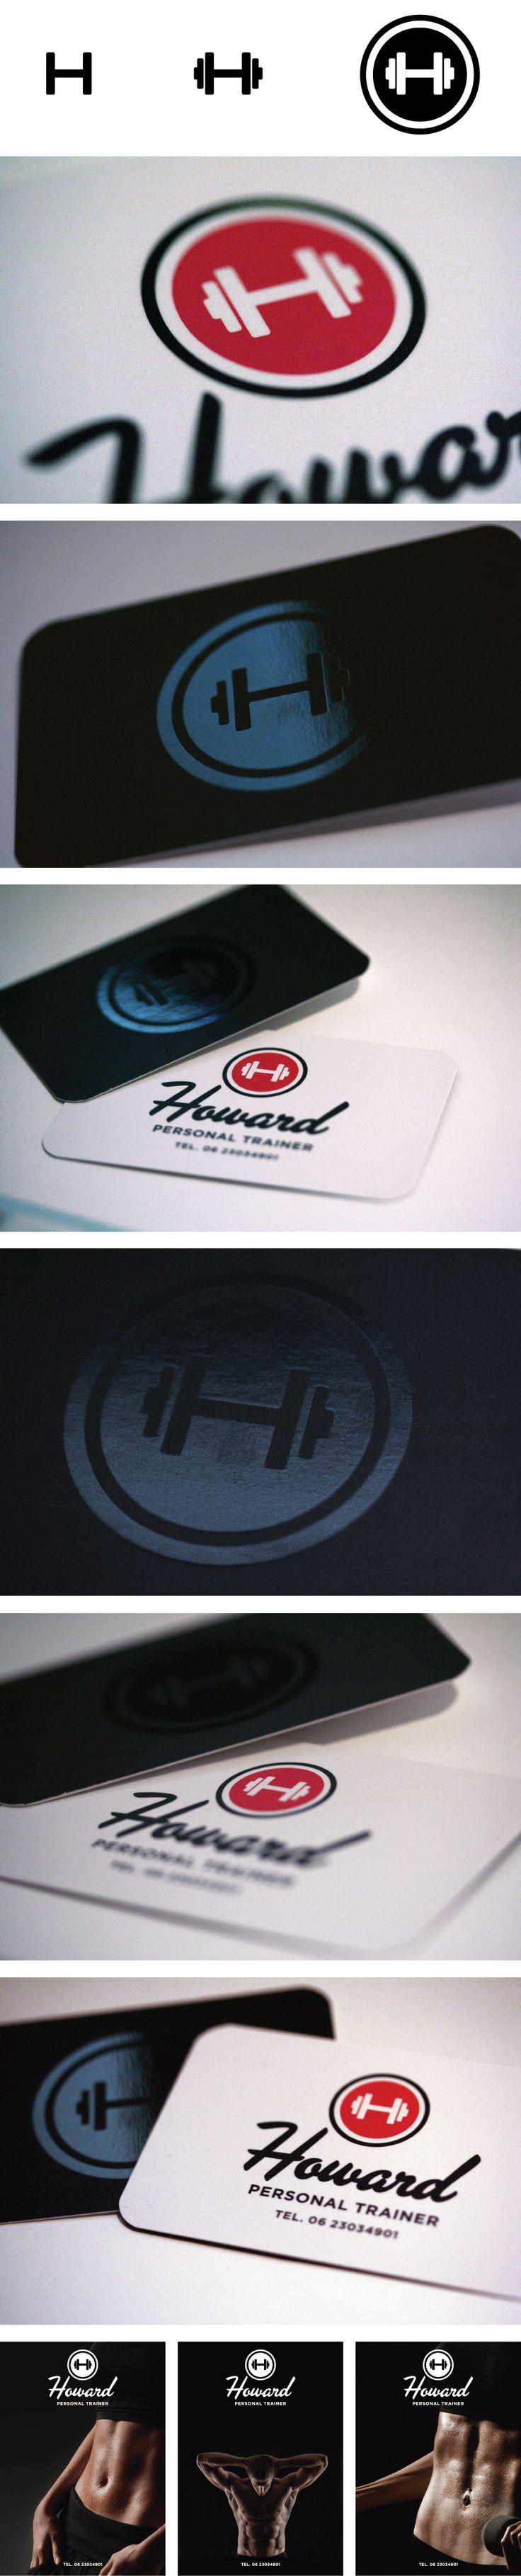 Howard Personal Trainer by Rens Dekker (via Creattica)